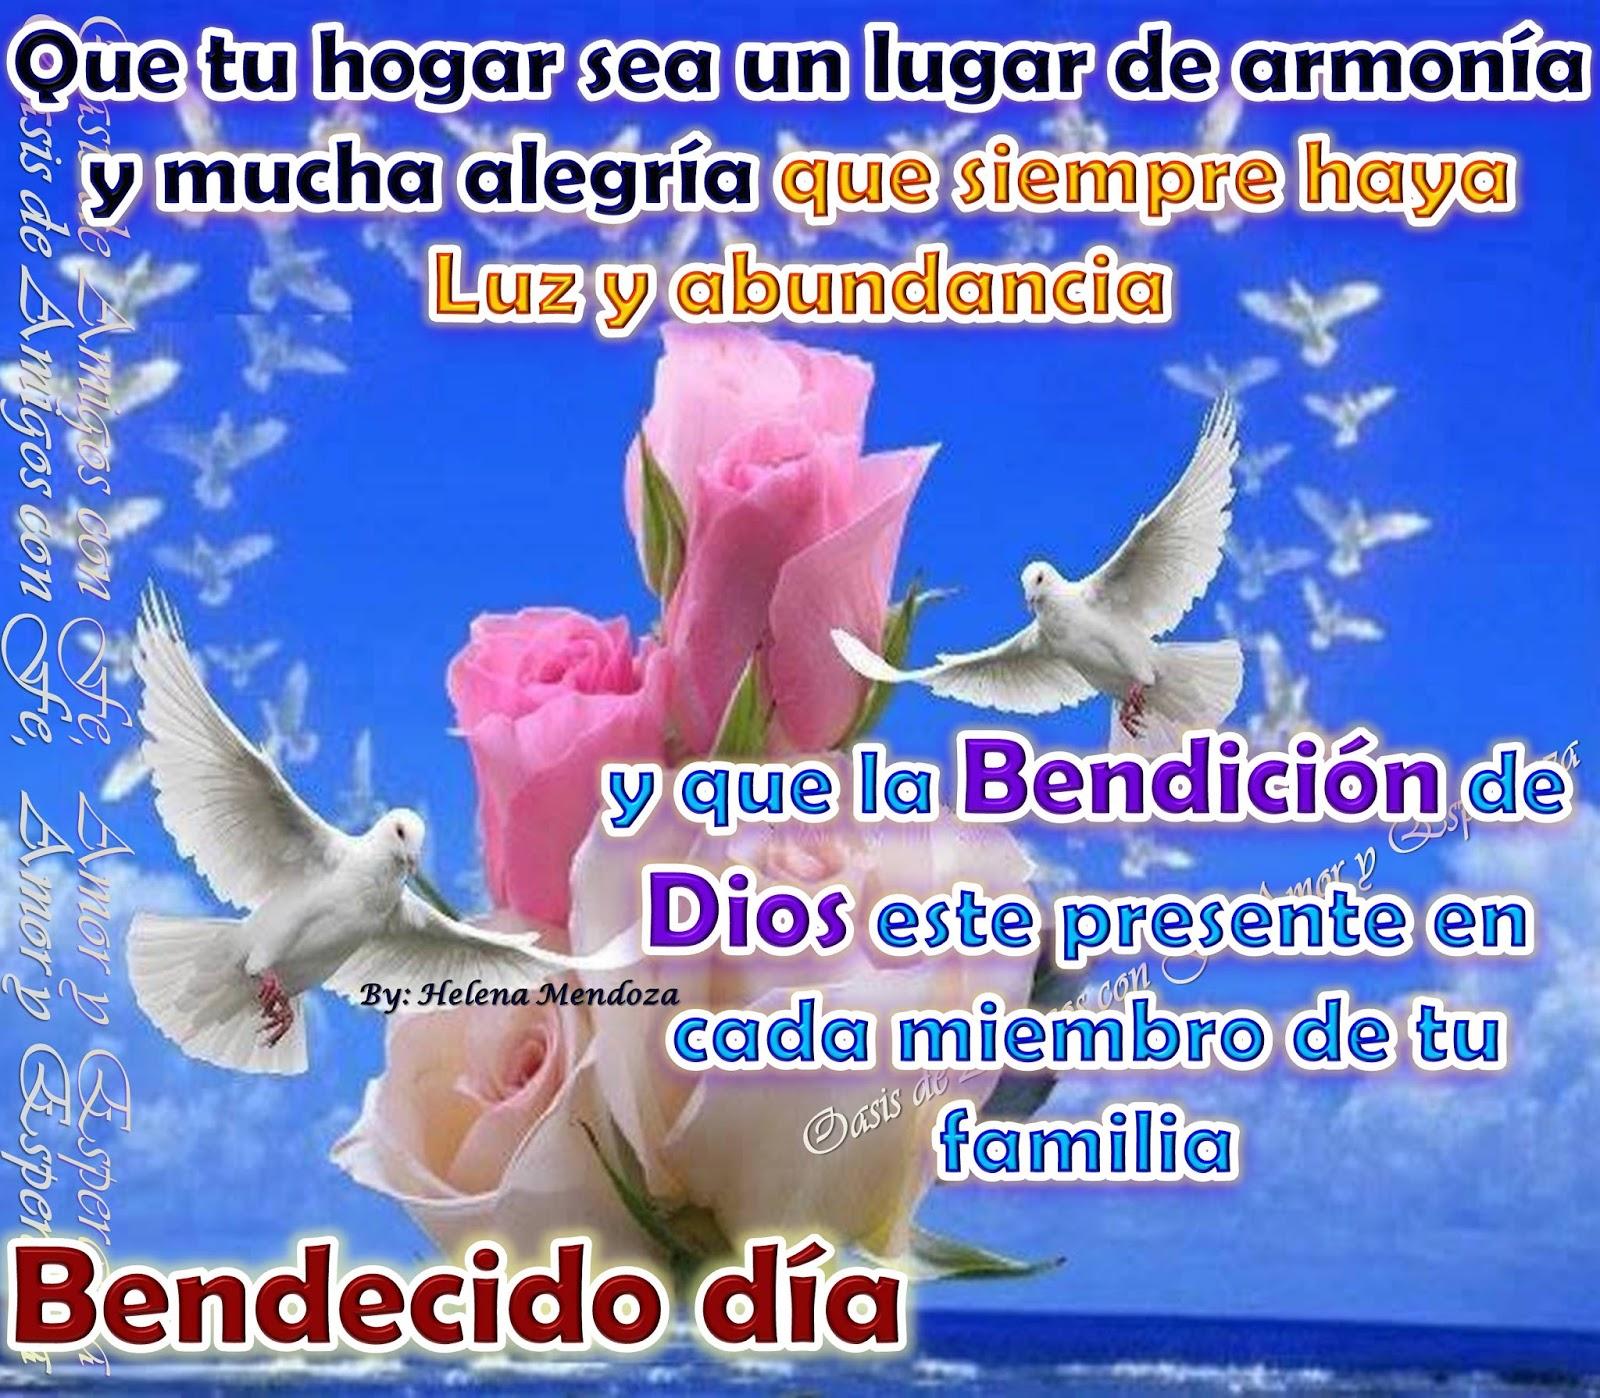 imagenes con bendiciones de dios para compartir y enviar